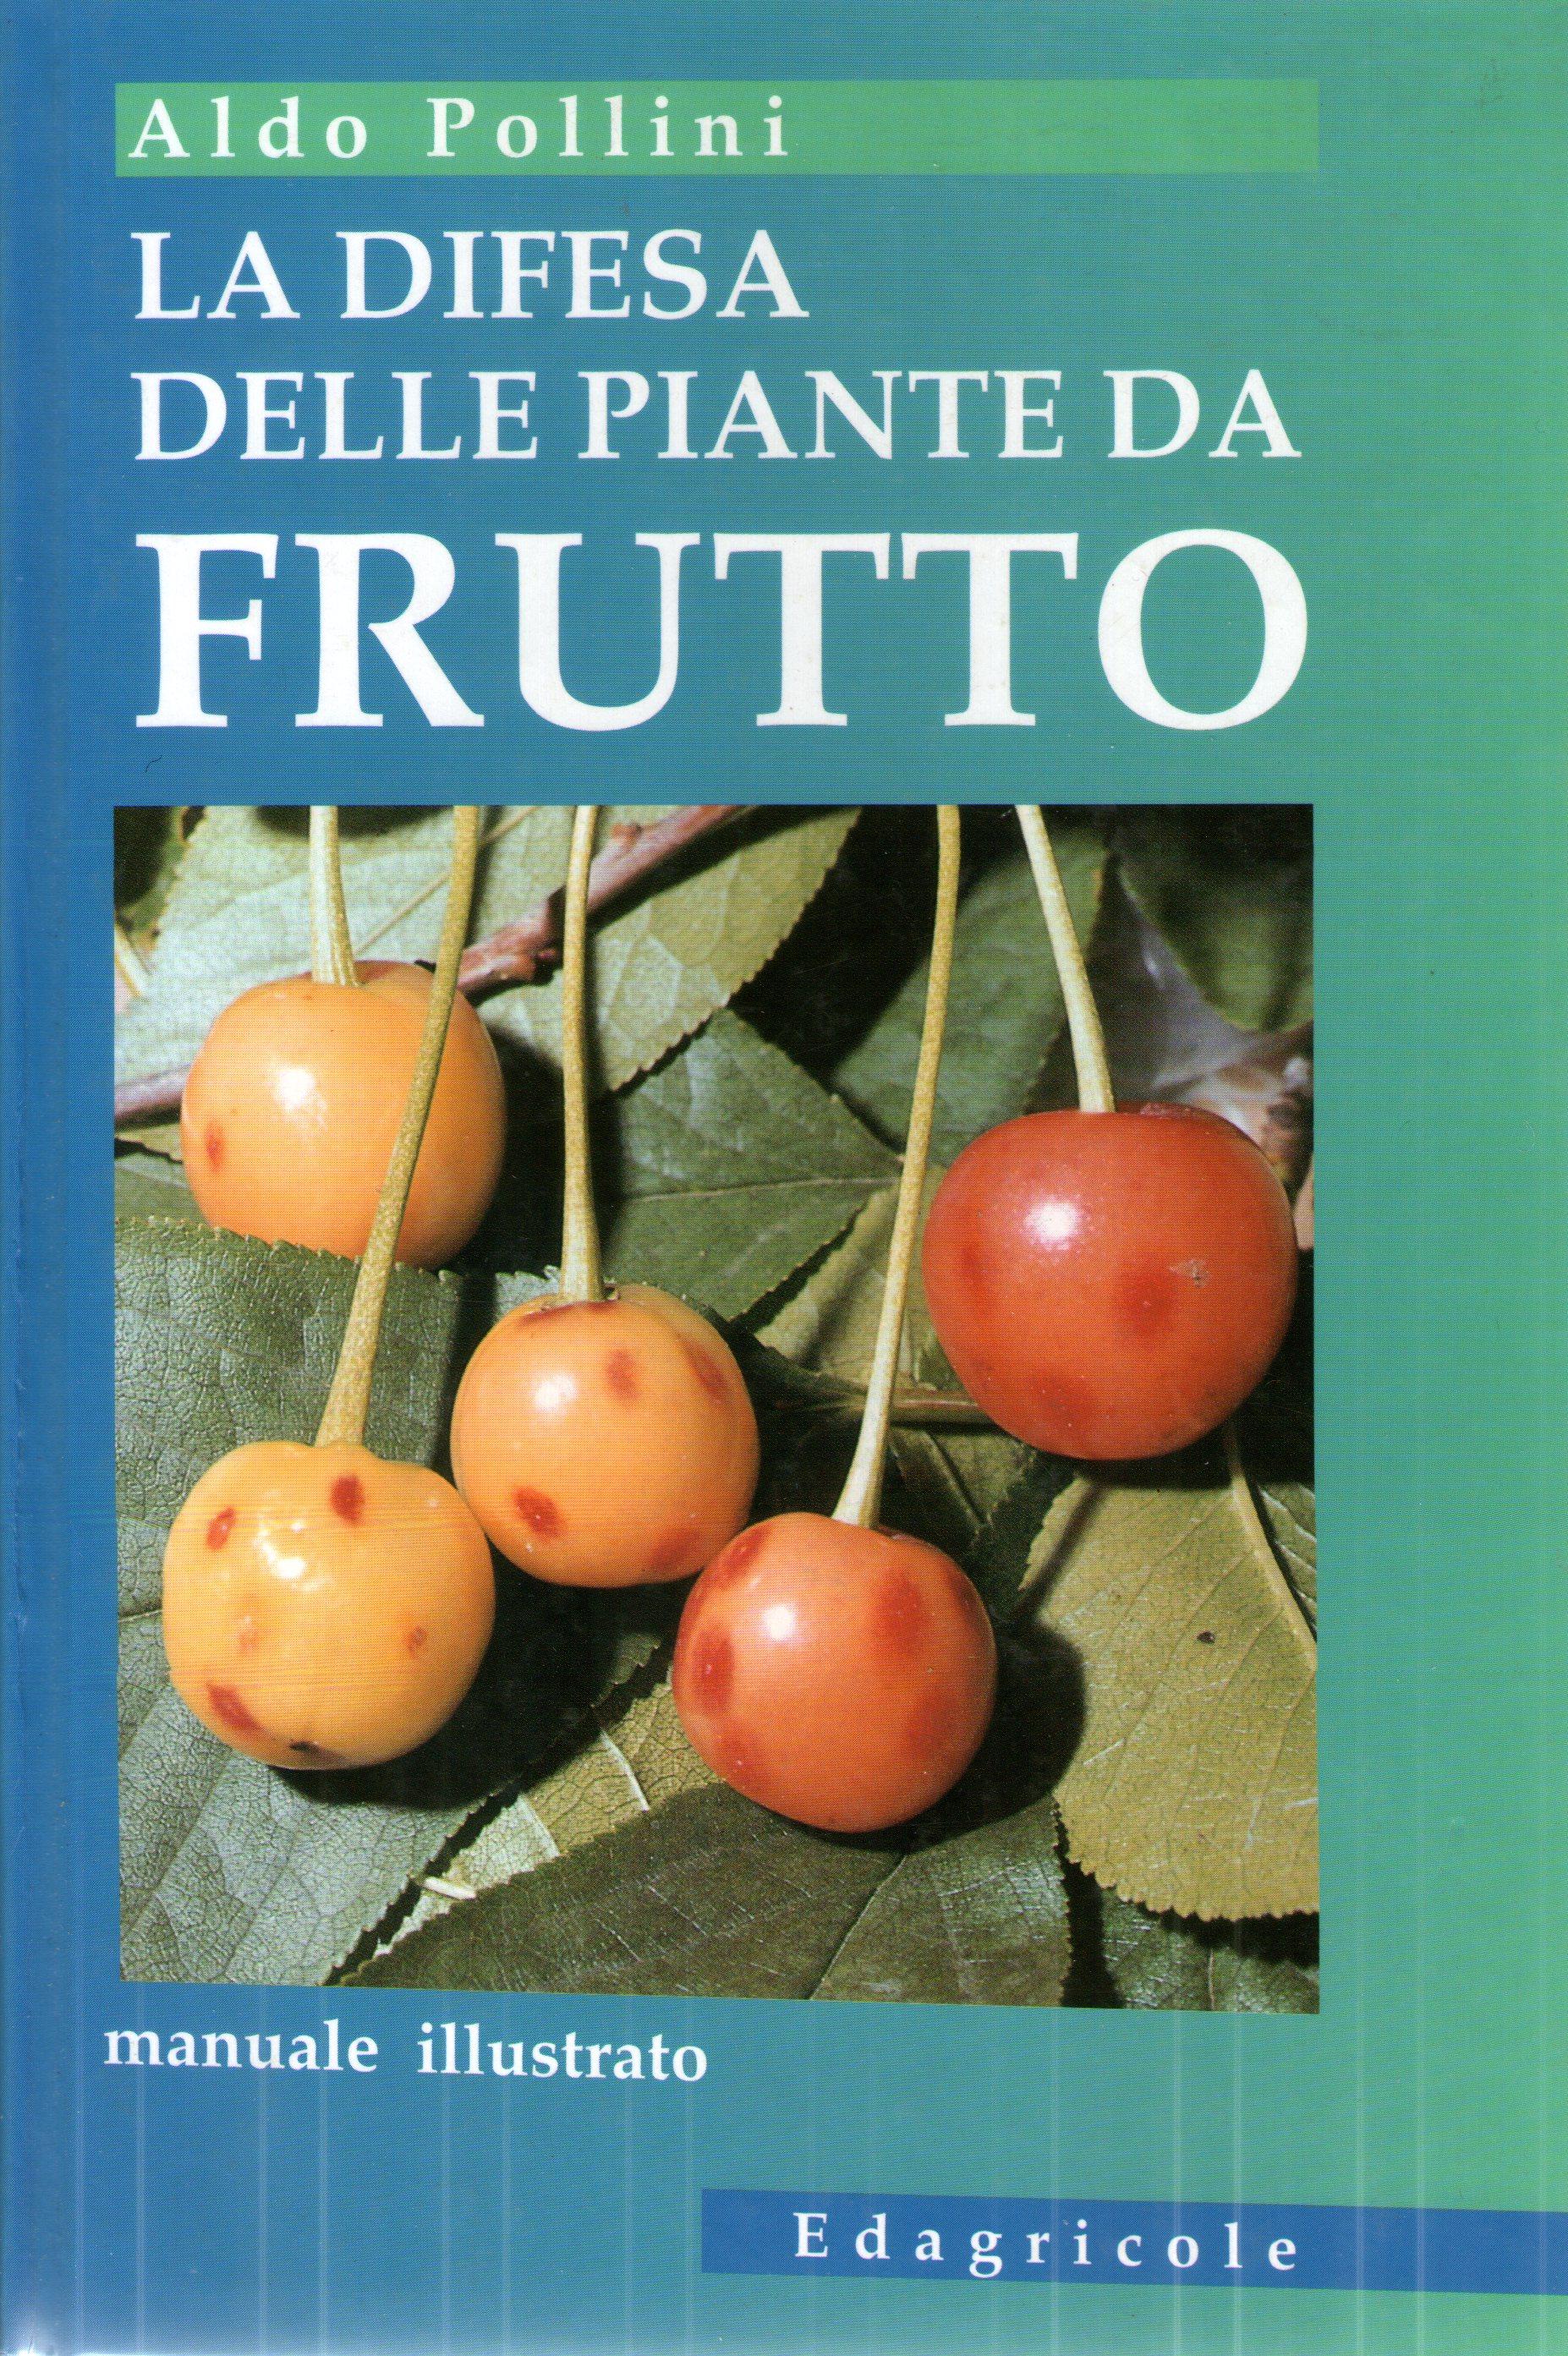 La difesa delle piante da frutto